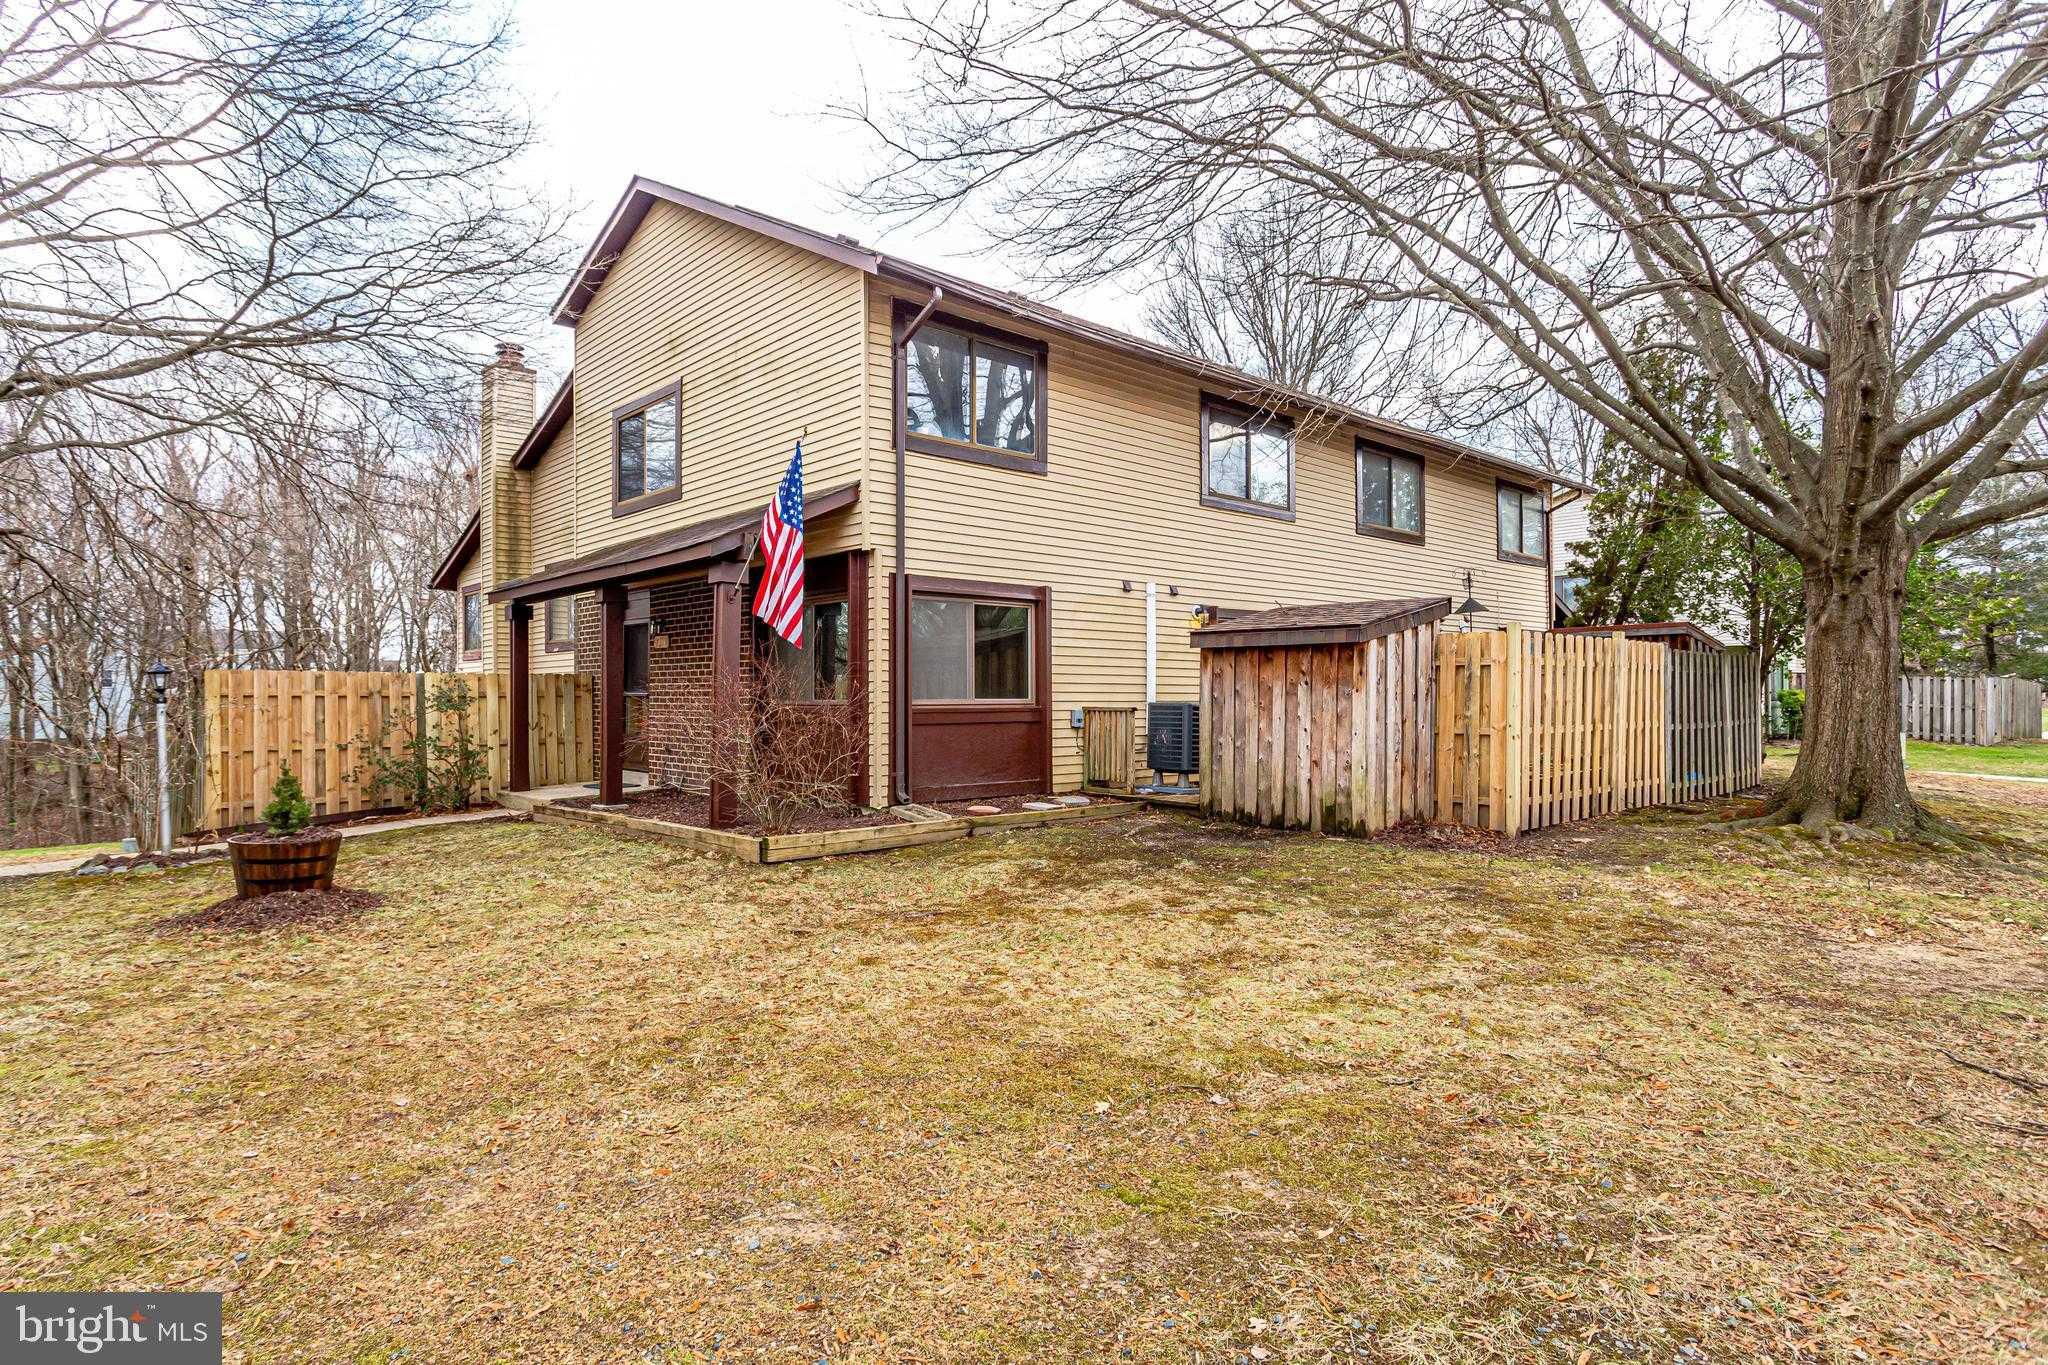 $280,000 - 2Br/2Ba -  for Sale in Millbrook, Laurel